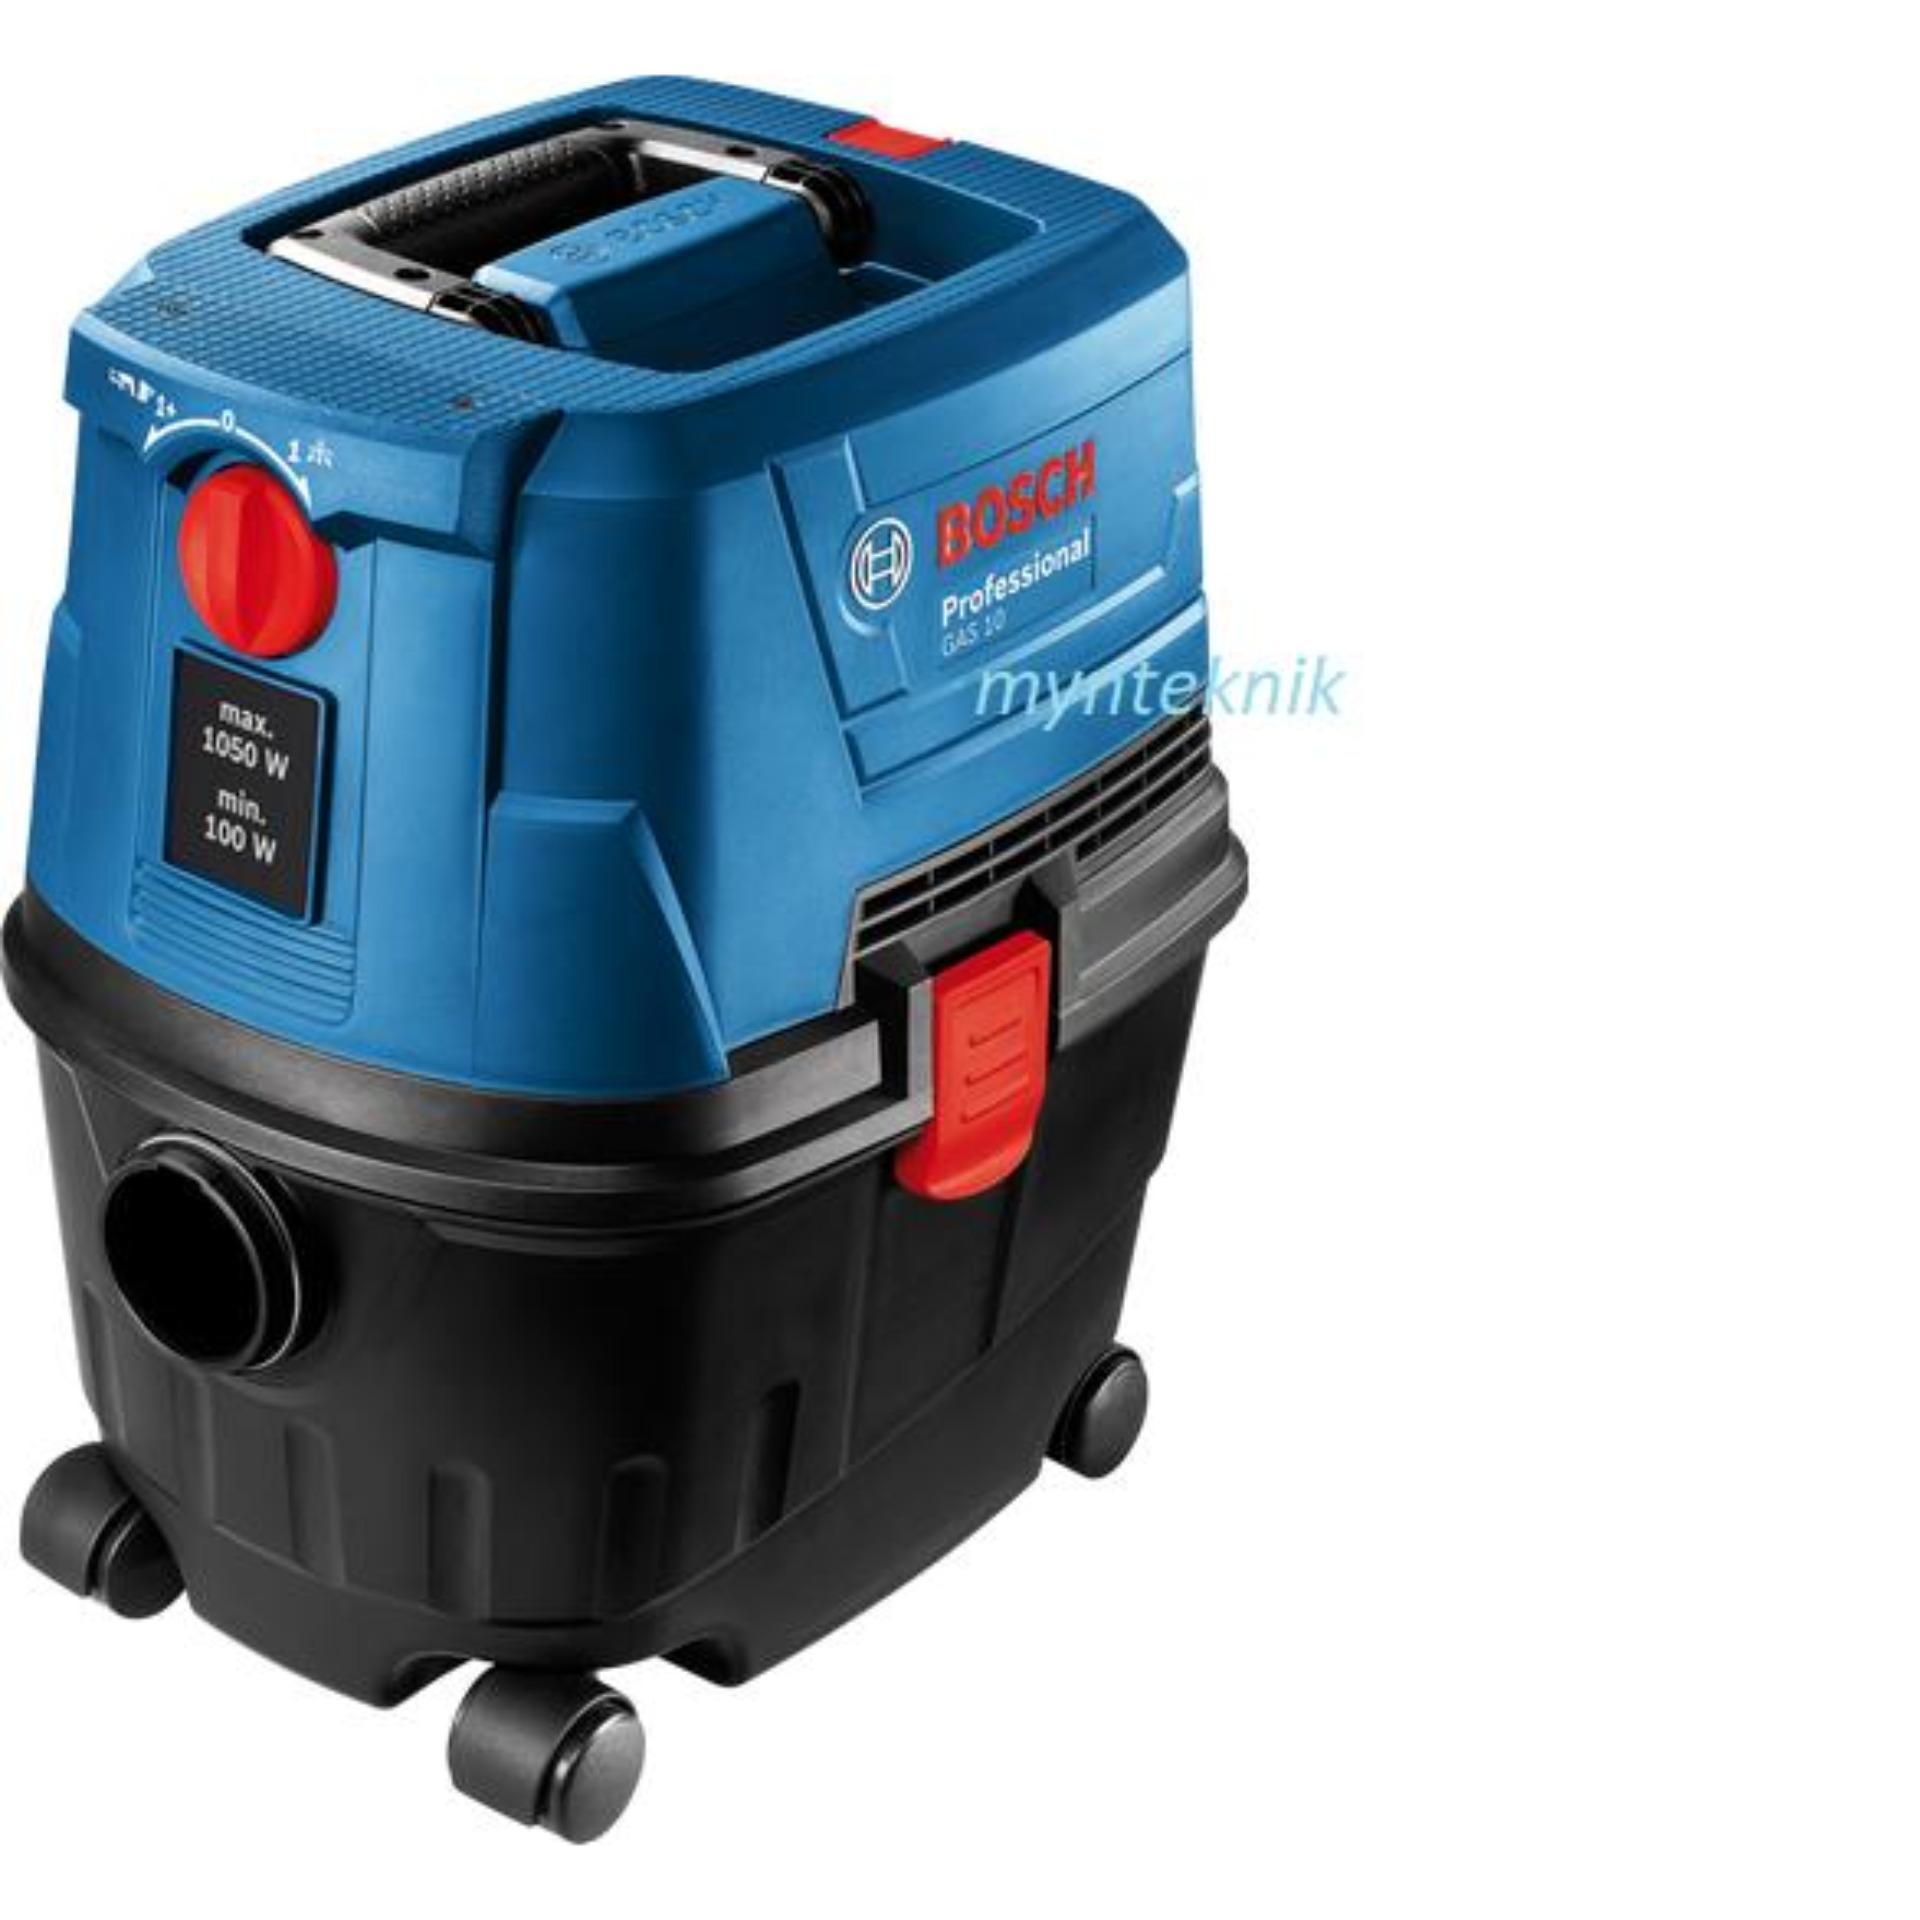 Bosch GAS 15 Professional Vacuum Cleaner basah dan kering